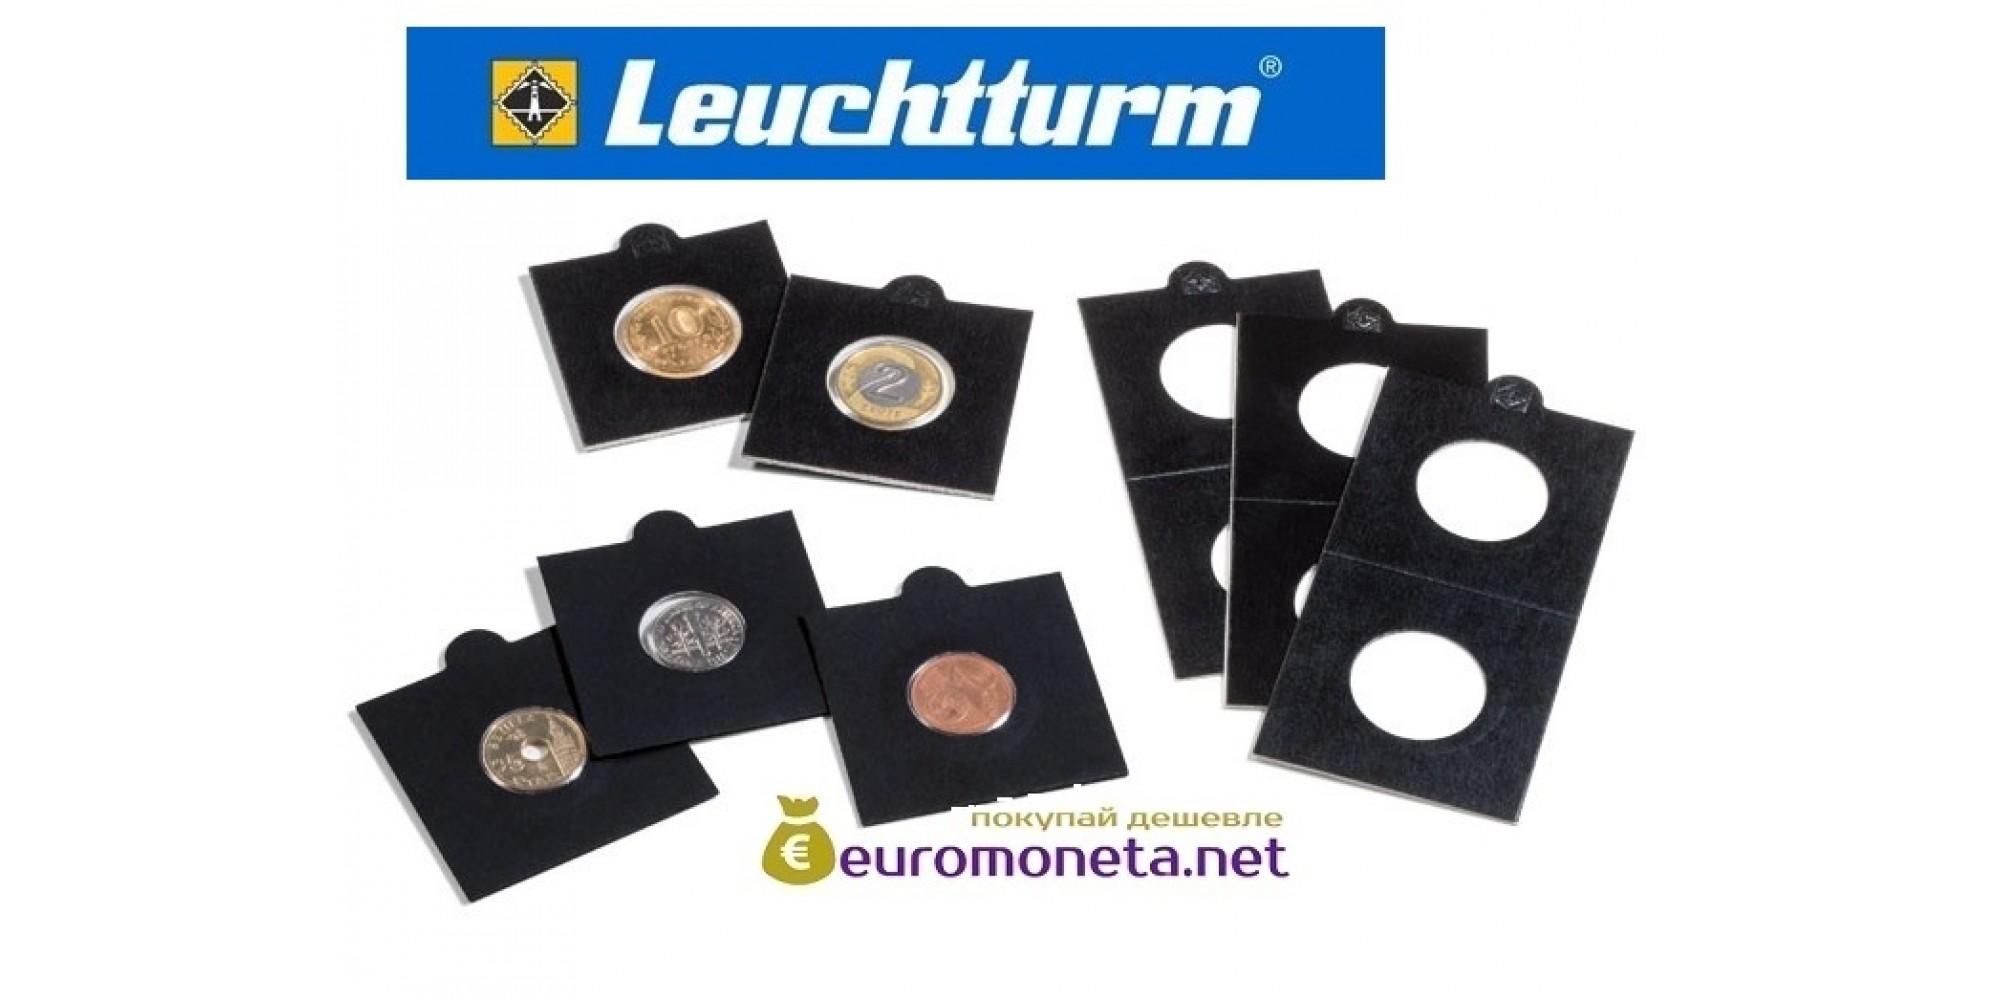 Германия Leuchtturm чёрный холдер 35 мм для монет, Matrix самоклеющиеся